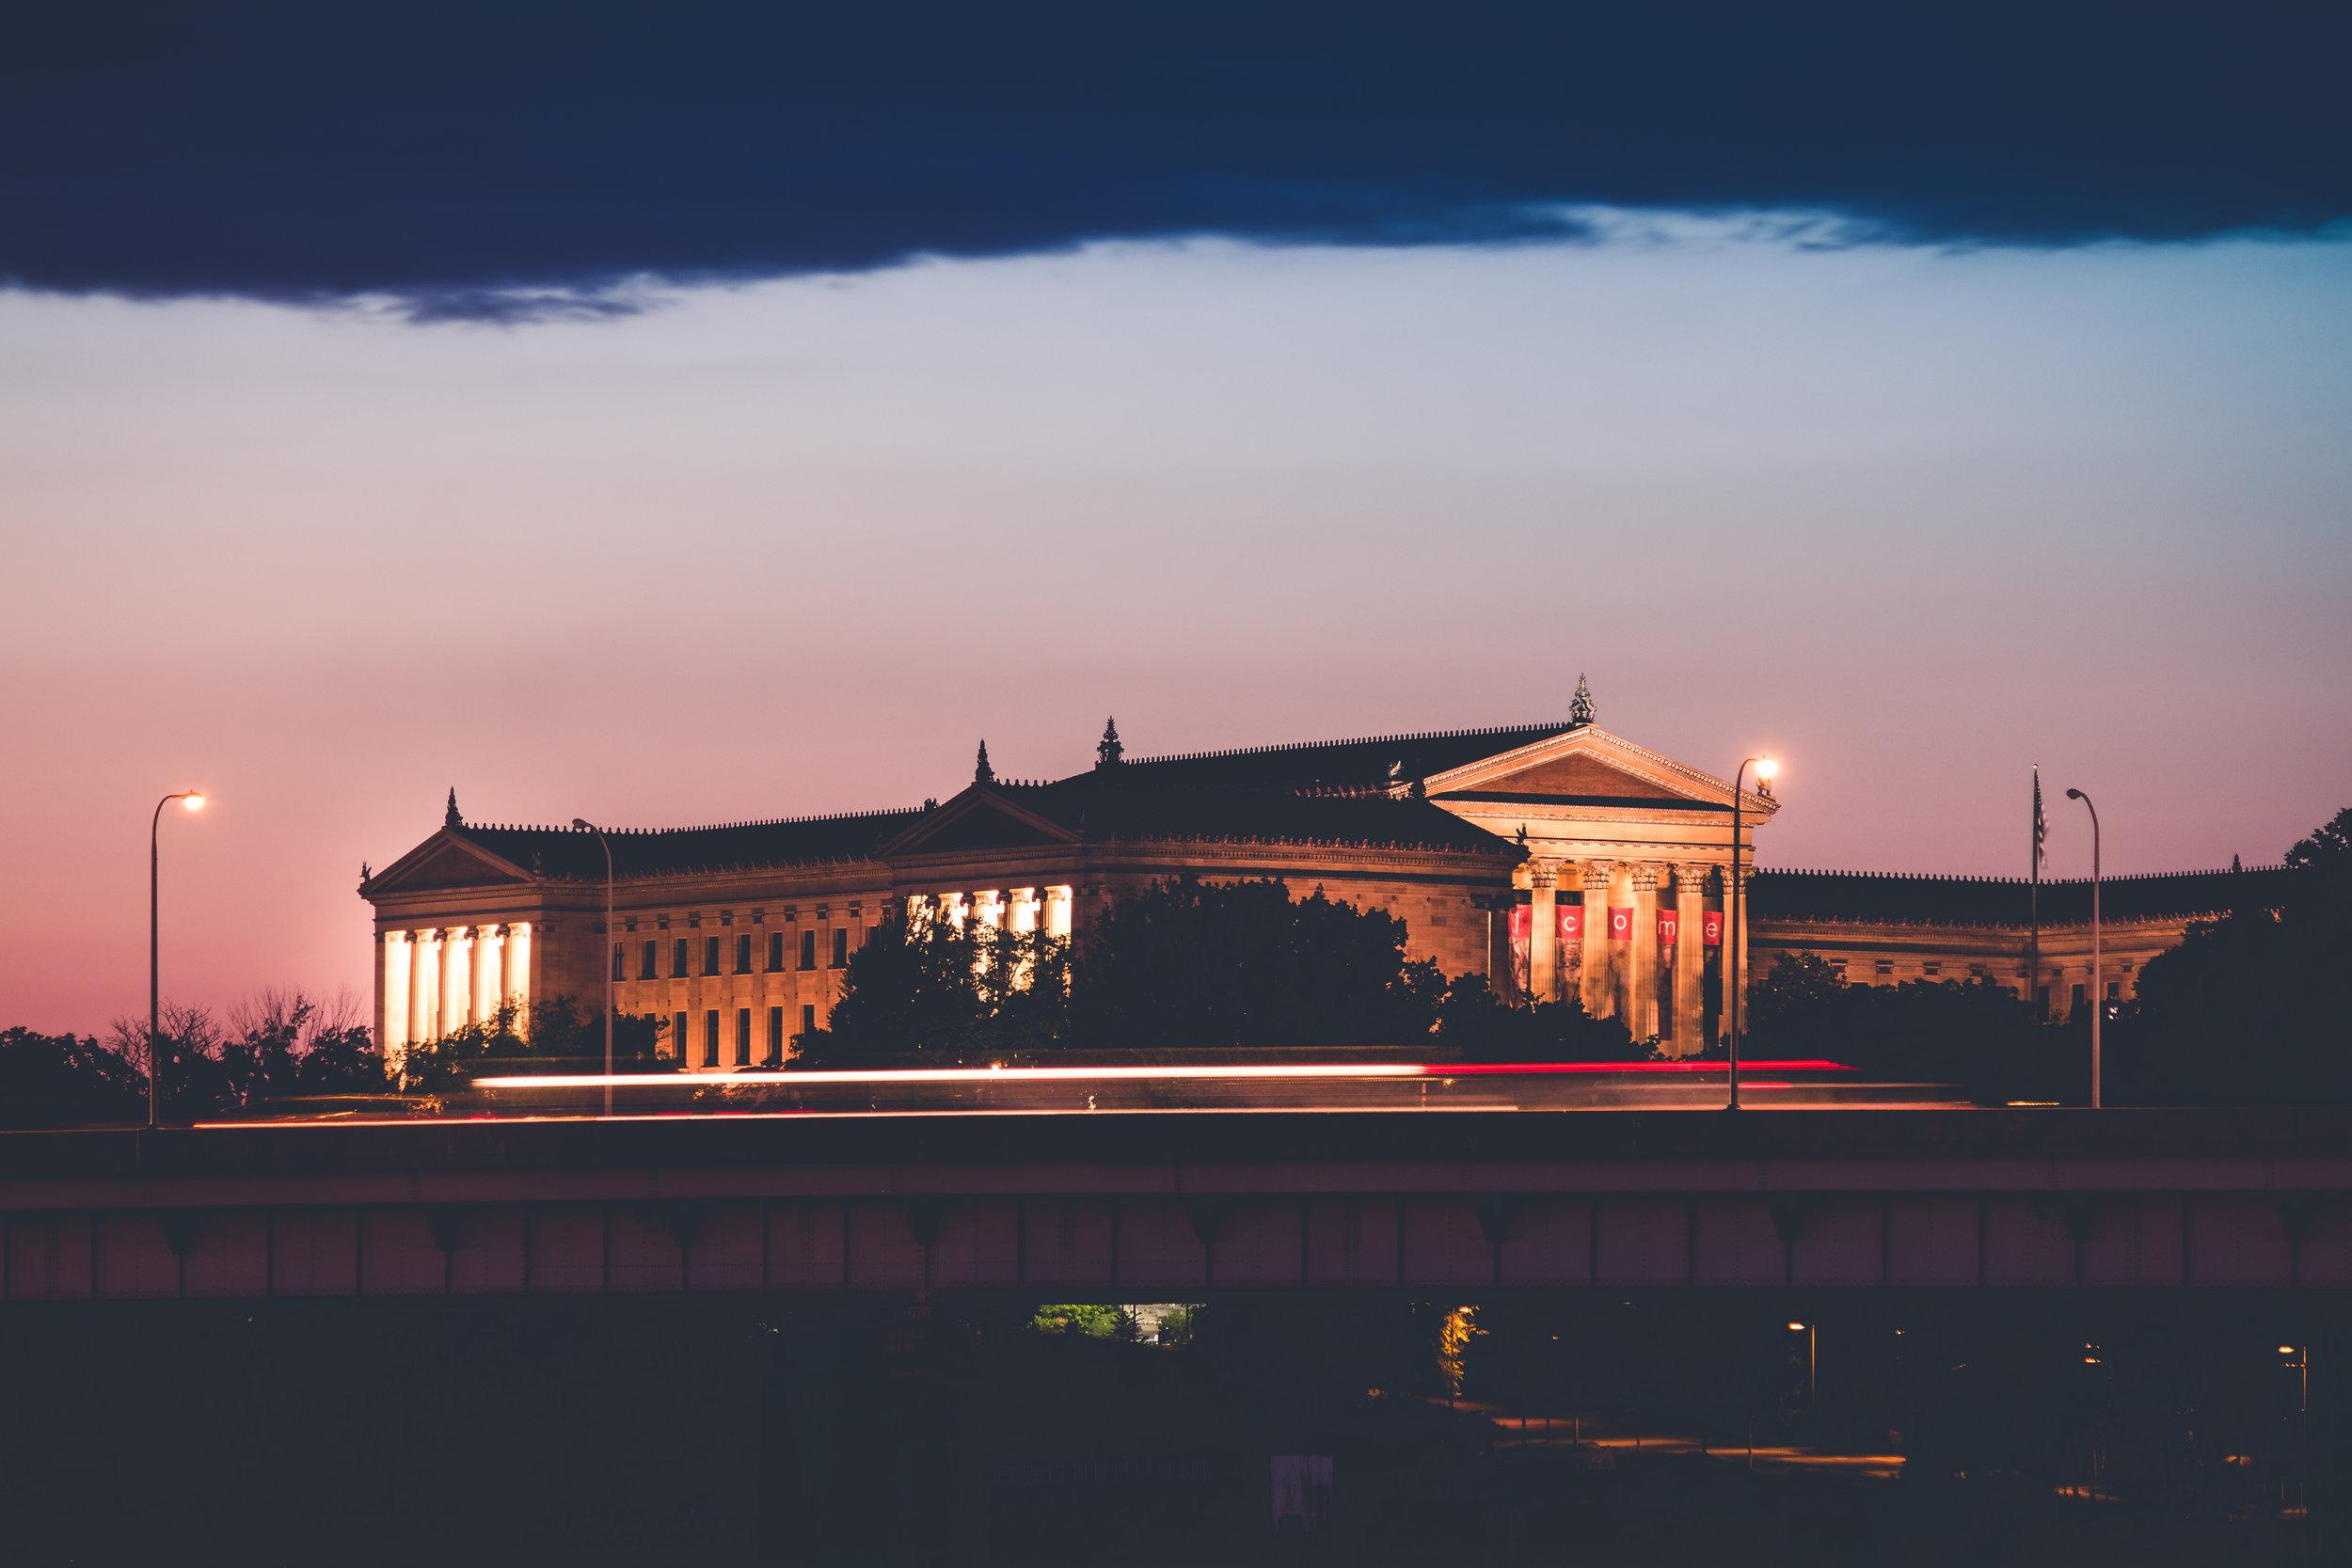 Philadelphia Museum of Art during sunset - Hythacg